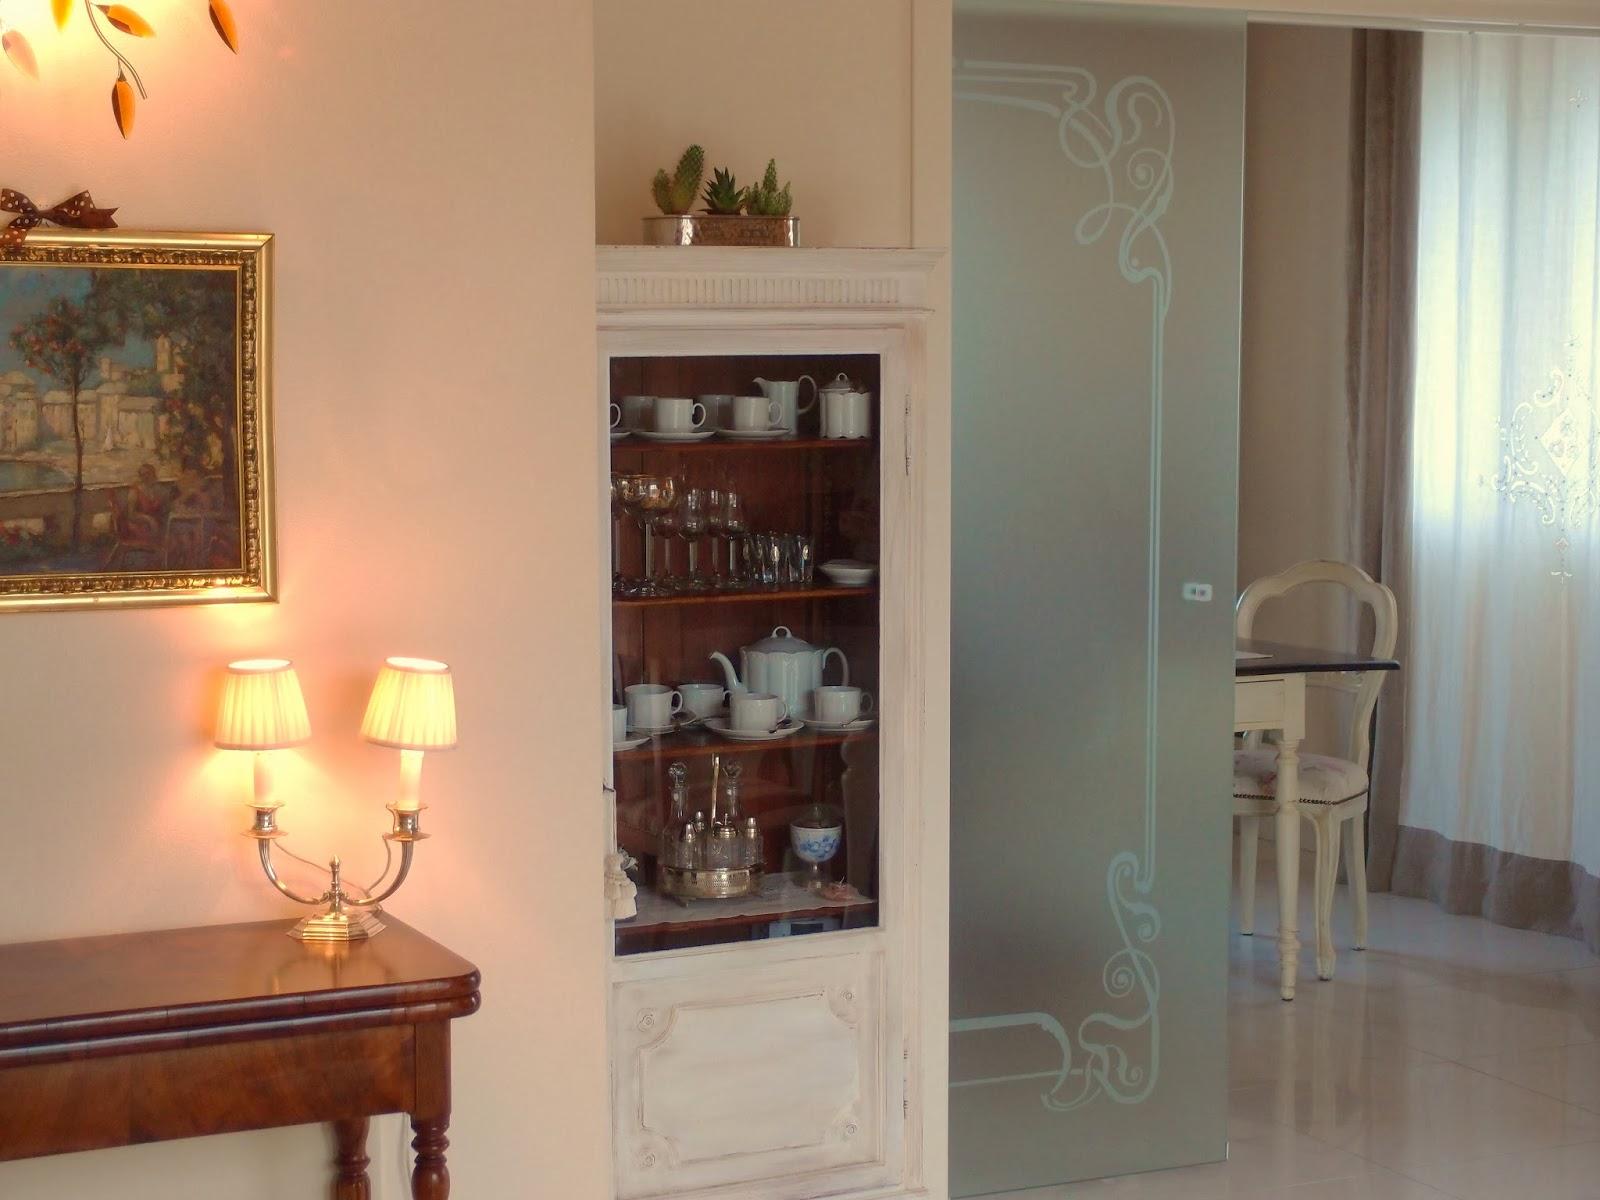 La Casa Di Cristina Il Gusto Classico Di Una Donna Moderna  #9A6131 1600 1200 Sala Da Pranzo Pinterest